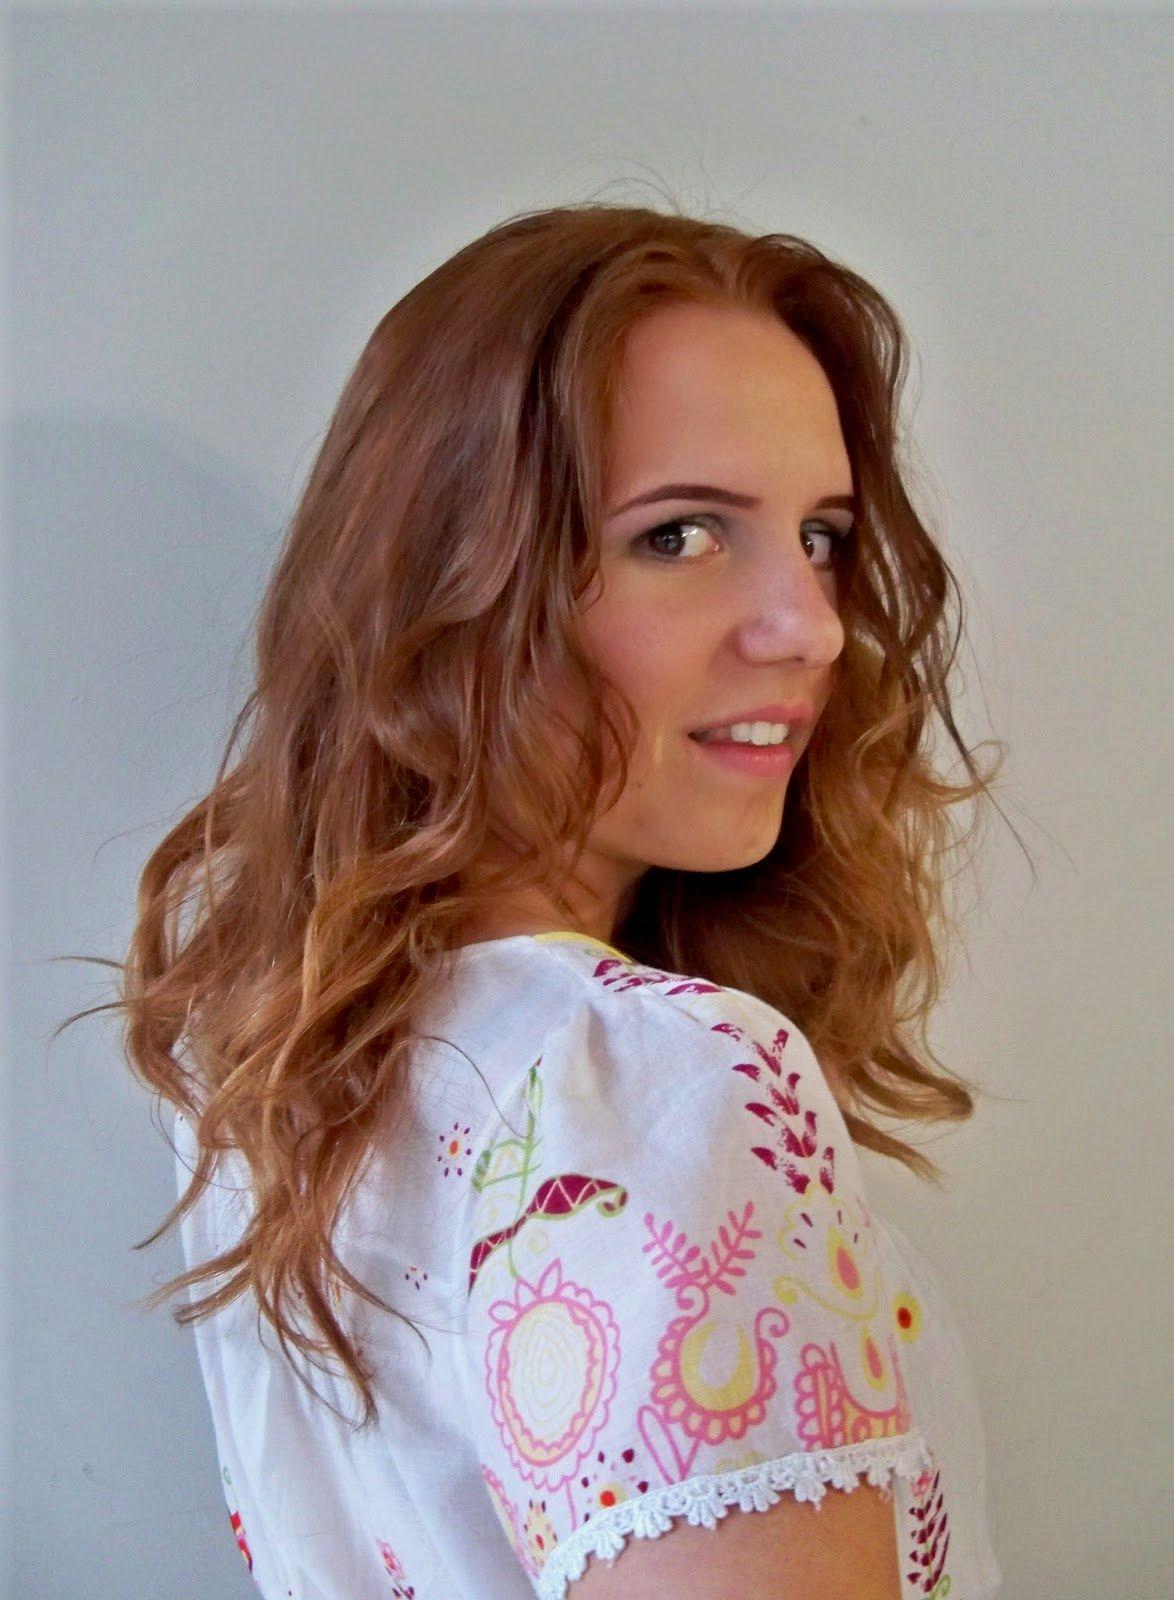 melhor cortes de cabelo feminino da moda design-New Cortes De Cabelo Feminino Da Moda Coleção